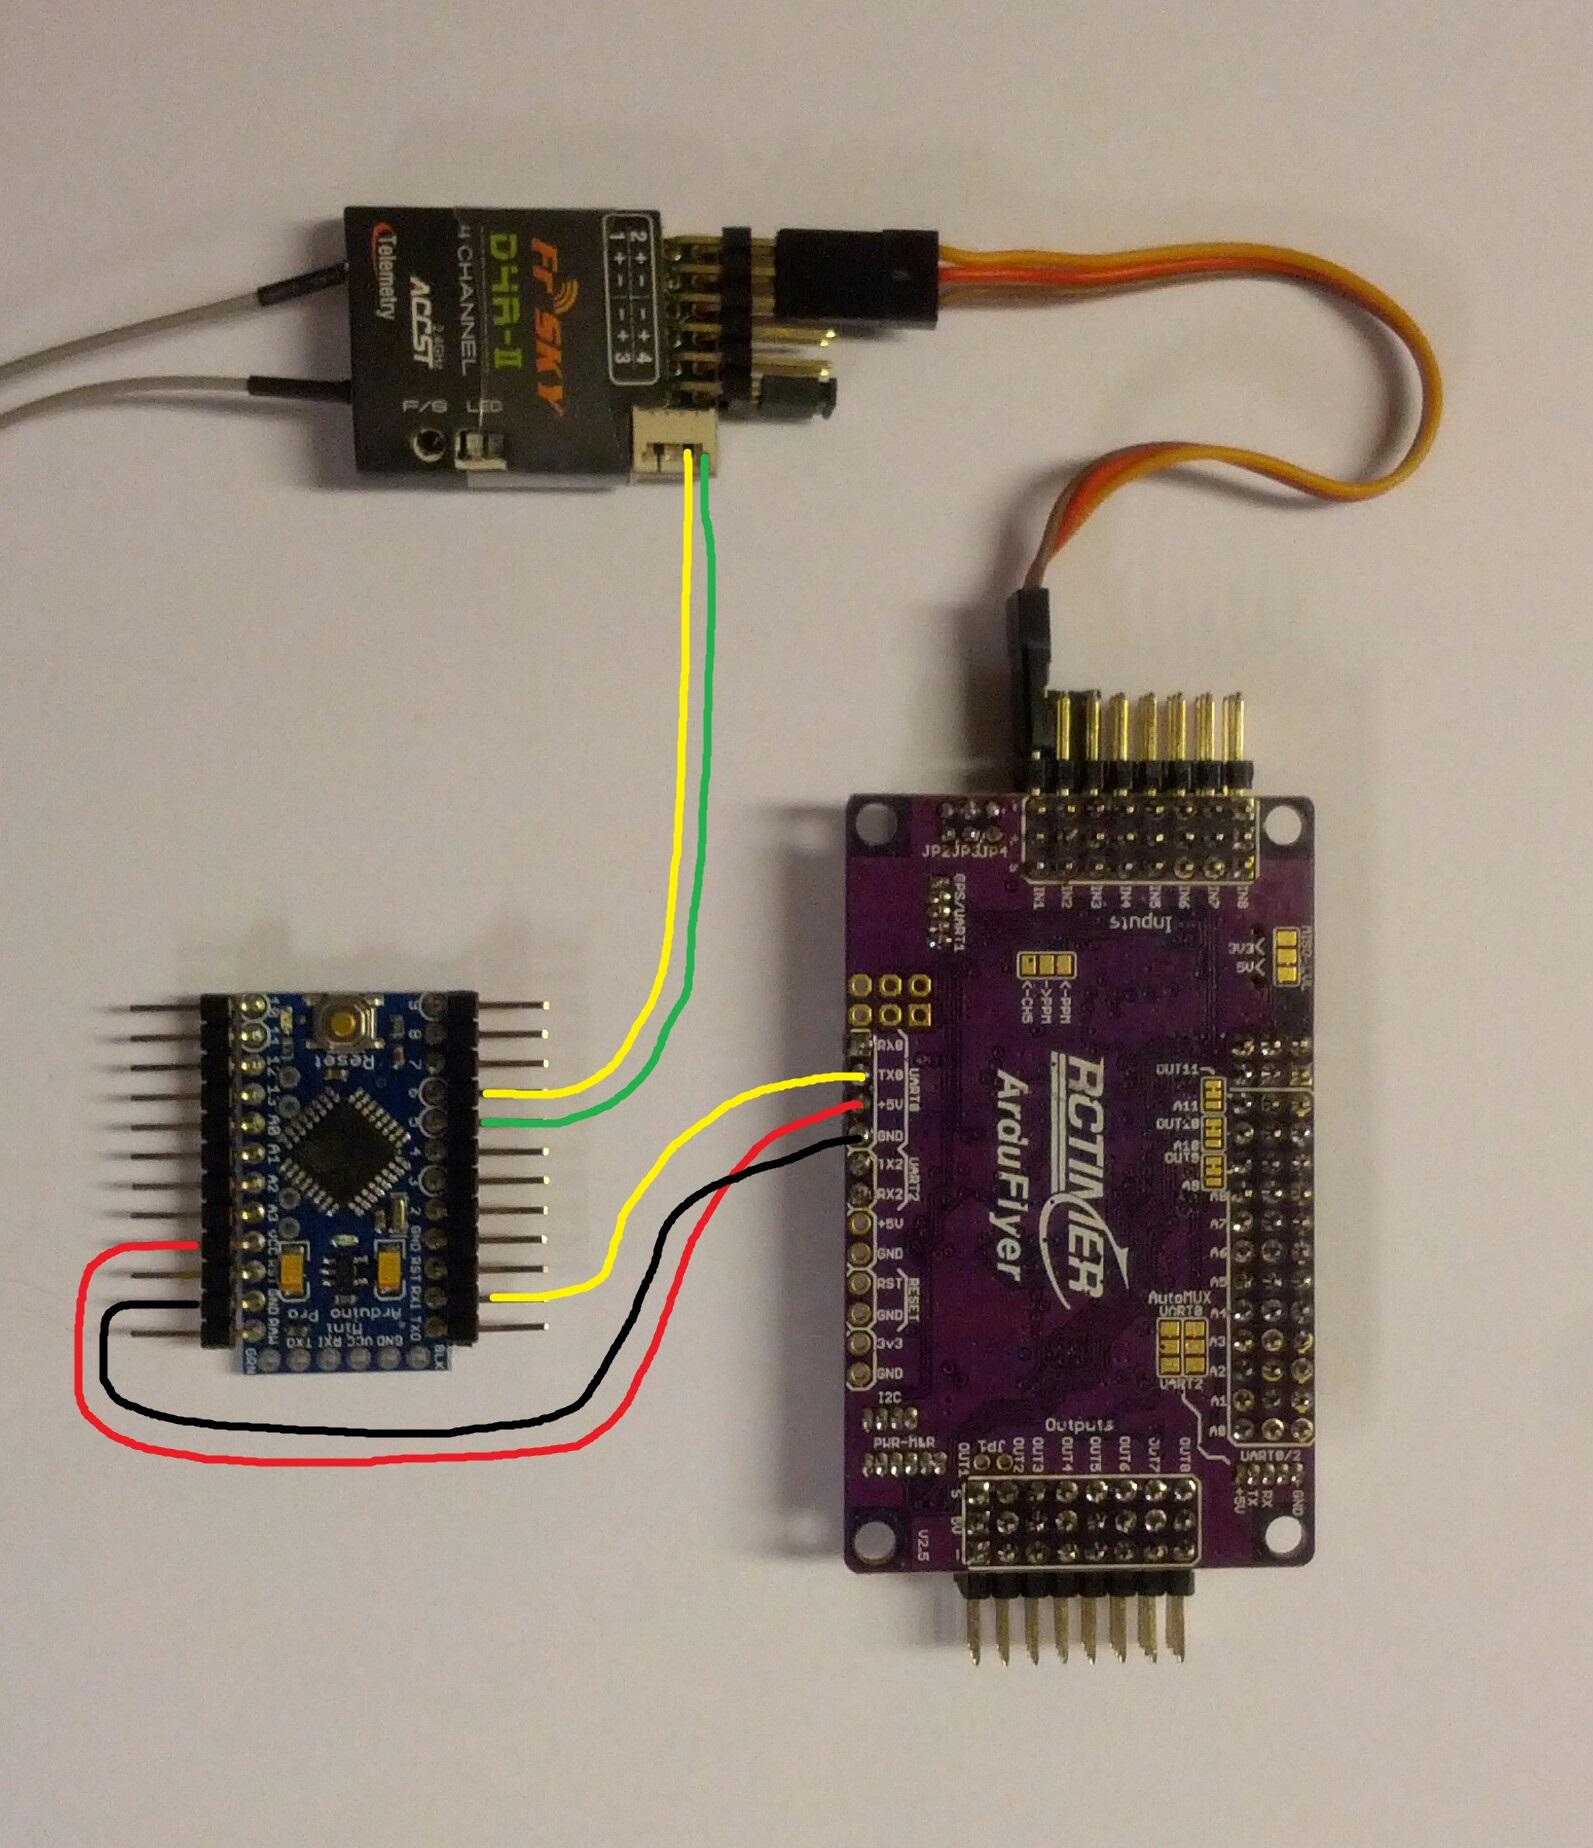 APM UART0 to Arduino pro mini